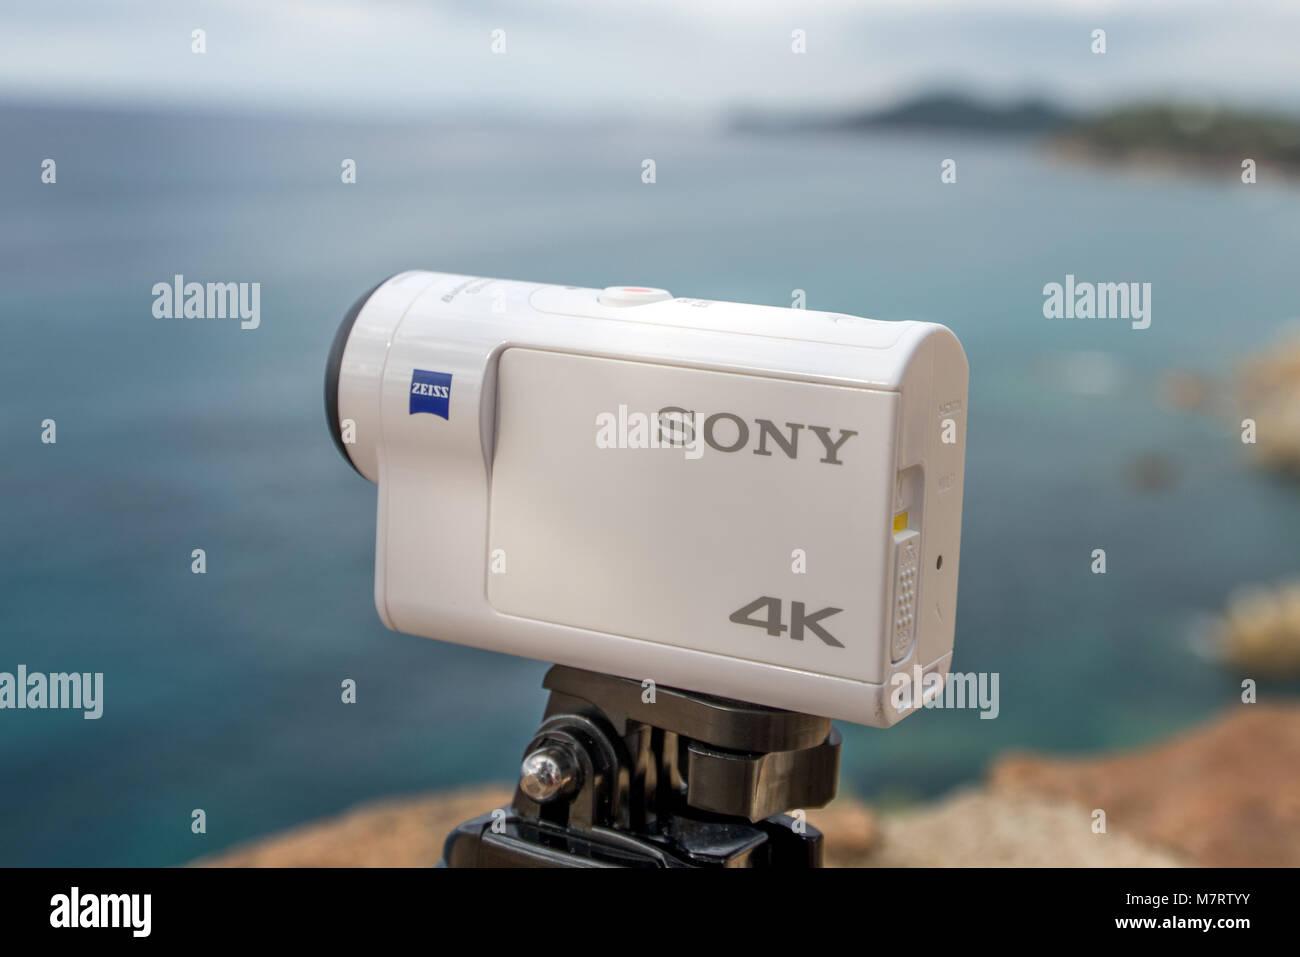 Espagne Lloret de Mar Septembre 2017. Caméra d'action x Sony 3000 contre la mer. Rédaction d'illustration. Photo Stock